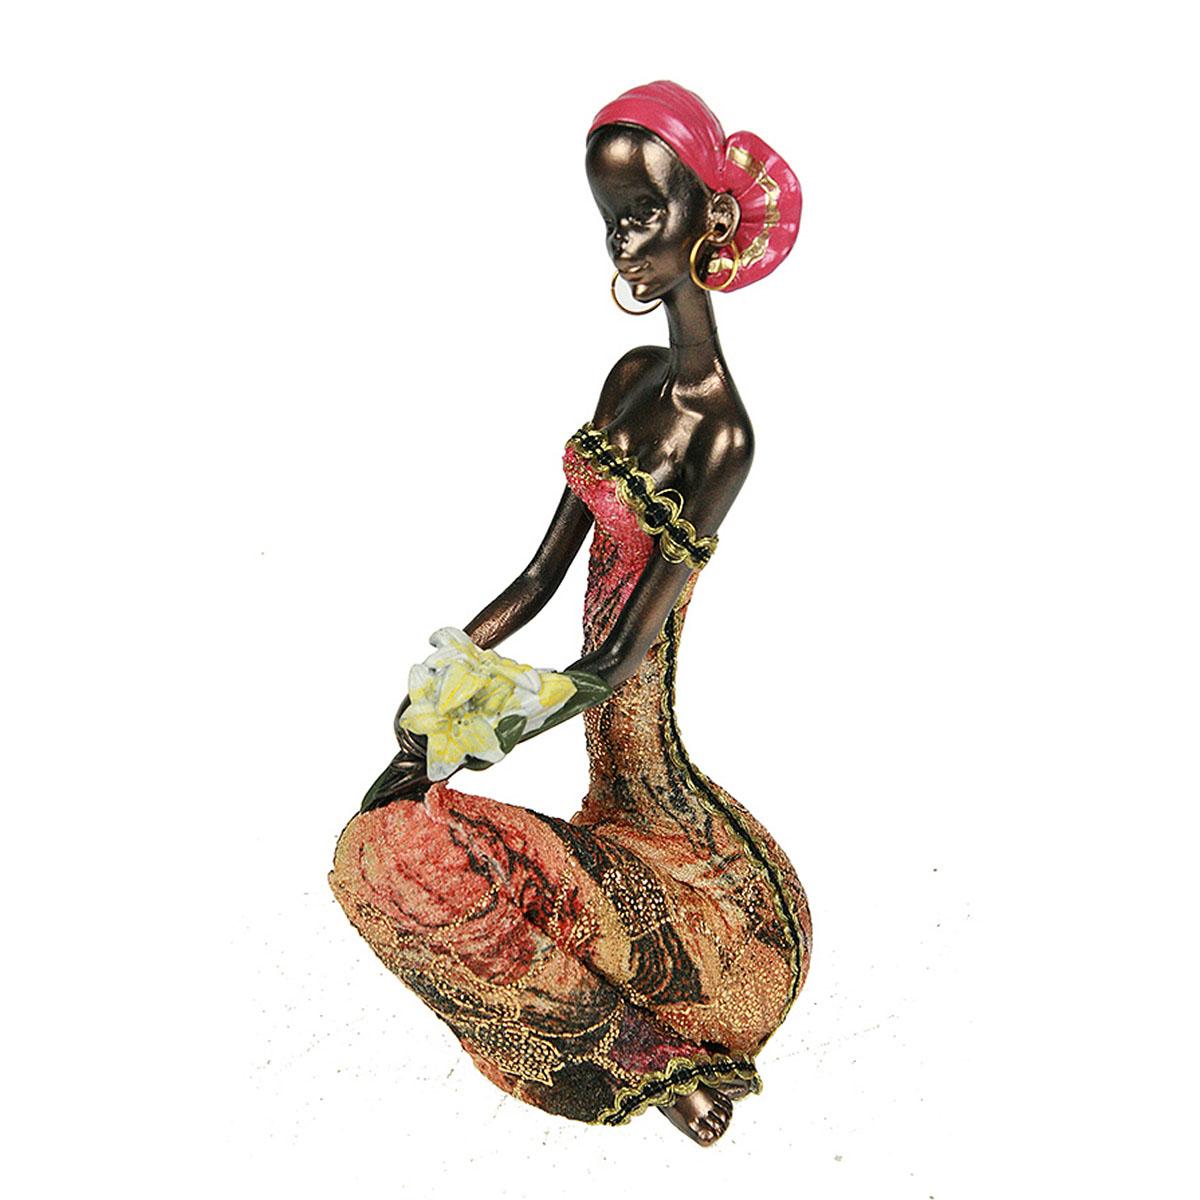 Статуэтка Русские Подарки Африканка, 7 х 9 х 18 см20610Статуэтка Русские Подарки Африканка, изготовленная из полистоуна, имеет изысканный внешний вид. Изделие станет прекрасным украшением интерьера гостиной, офиса или дома. Вы можете поставить статуэтку в любое место, где она будет удачно смотреться и радовать глаз. Правила ухода: регулярно вытирать пыль сухой, мягкой тканью.